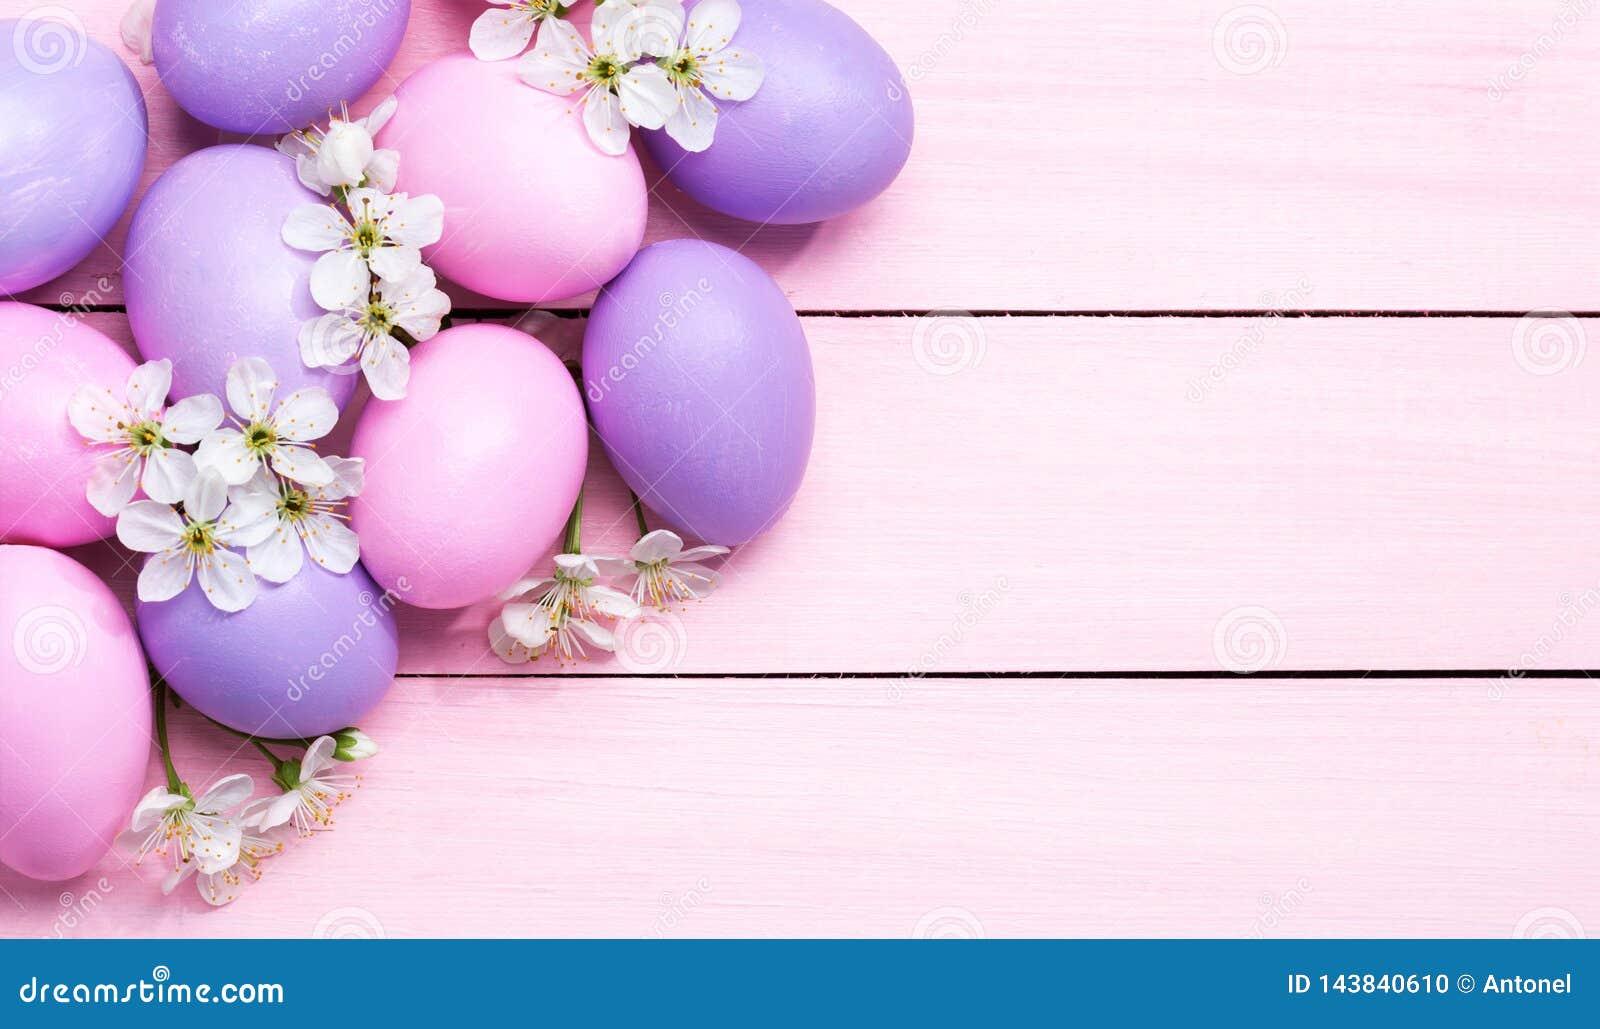 复活节彩蛋和白花在桃红色木桌上的樱花